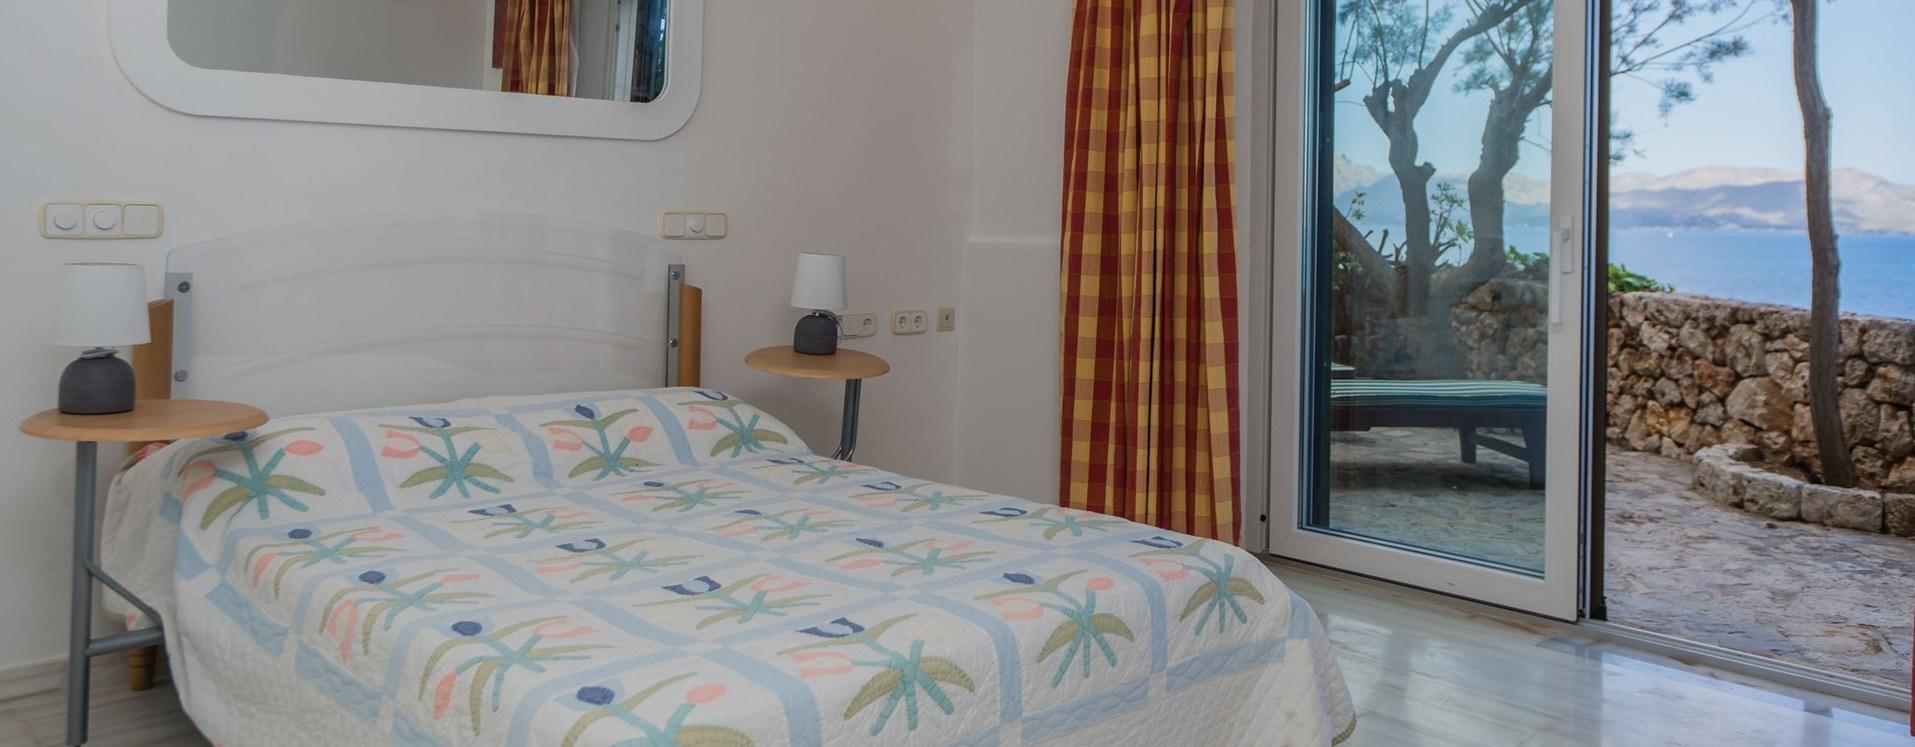 el-mirador-double-bedroom-2